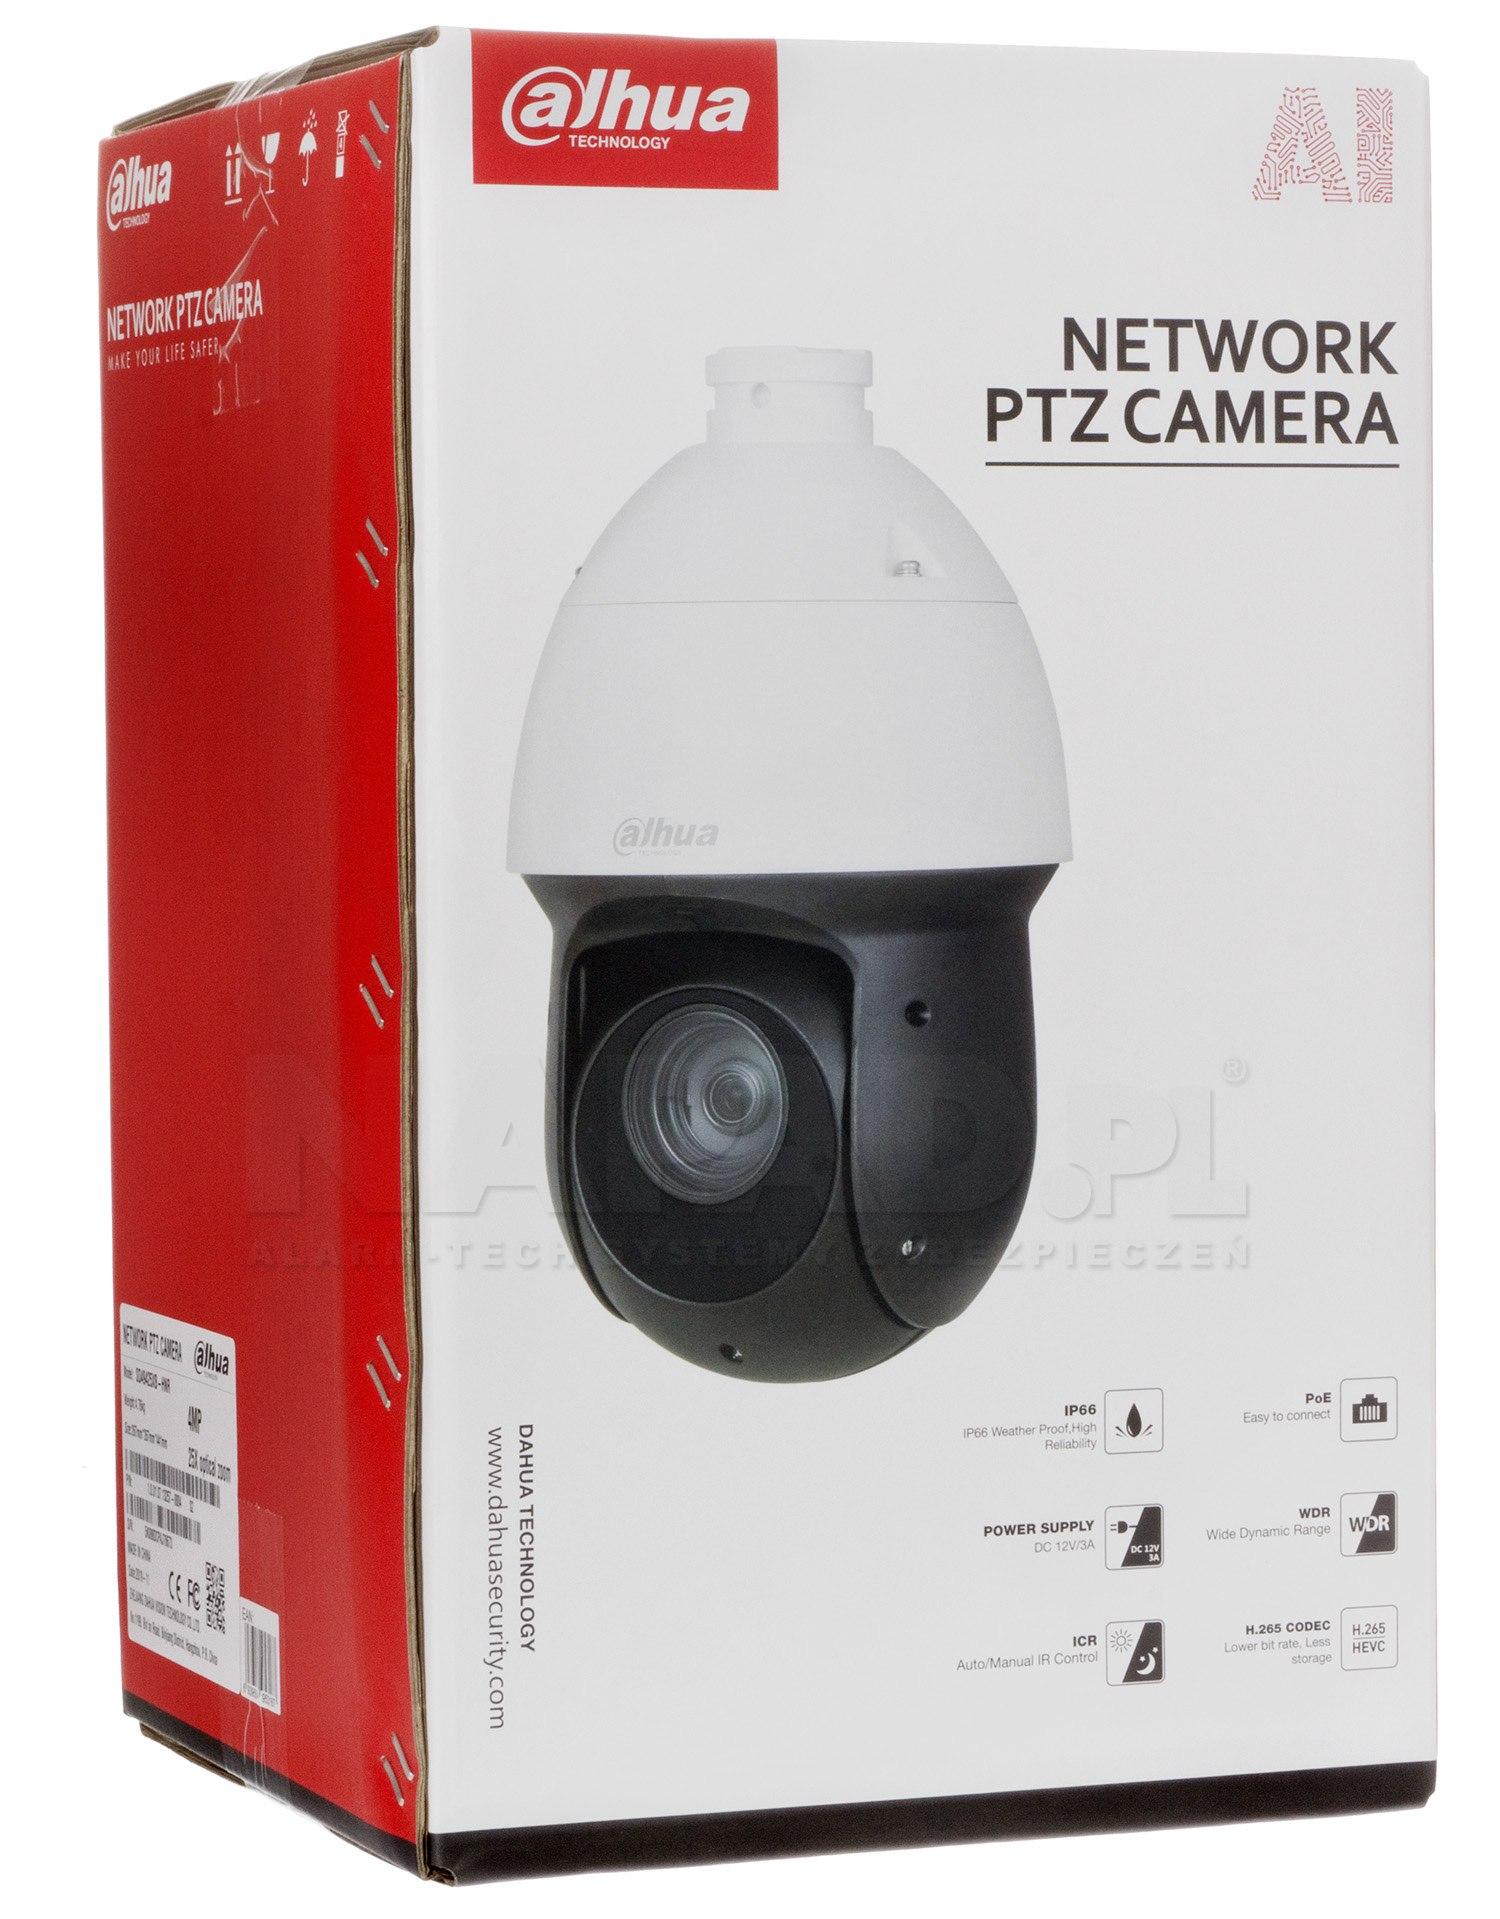 Kamera IP 4Mpx DH-SD49425XB-HNR